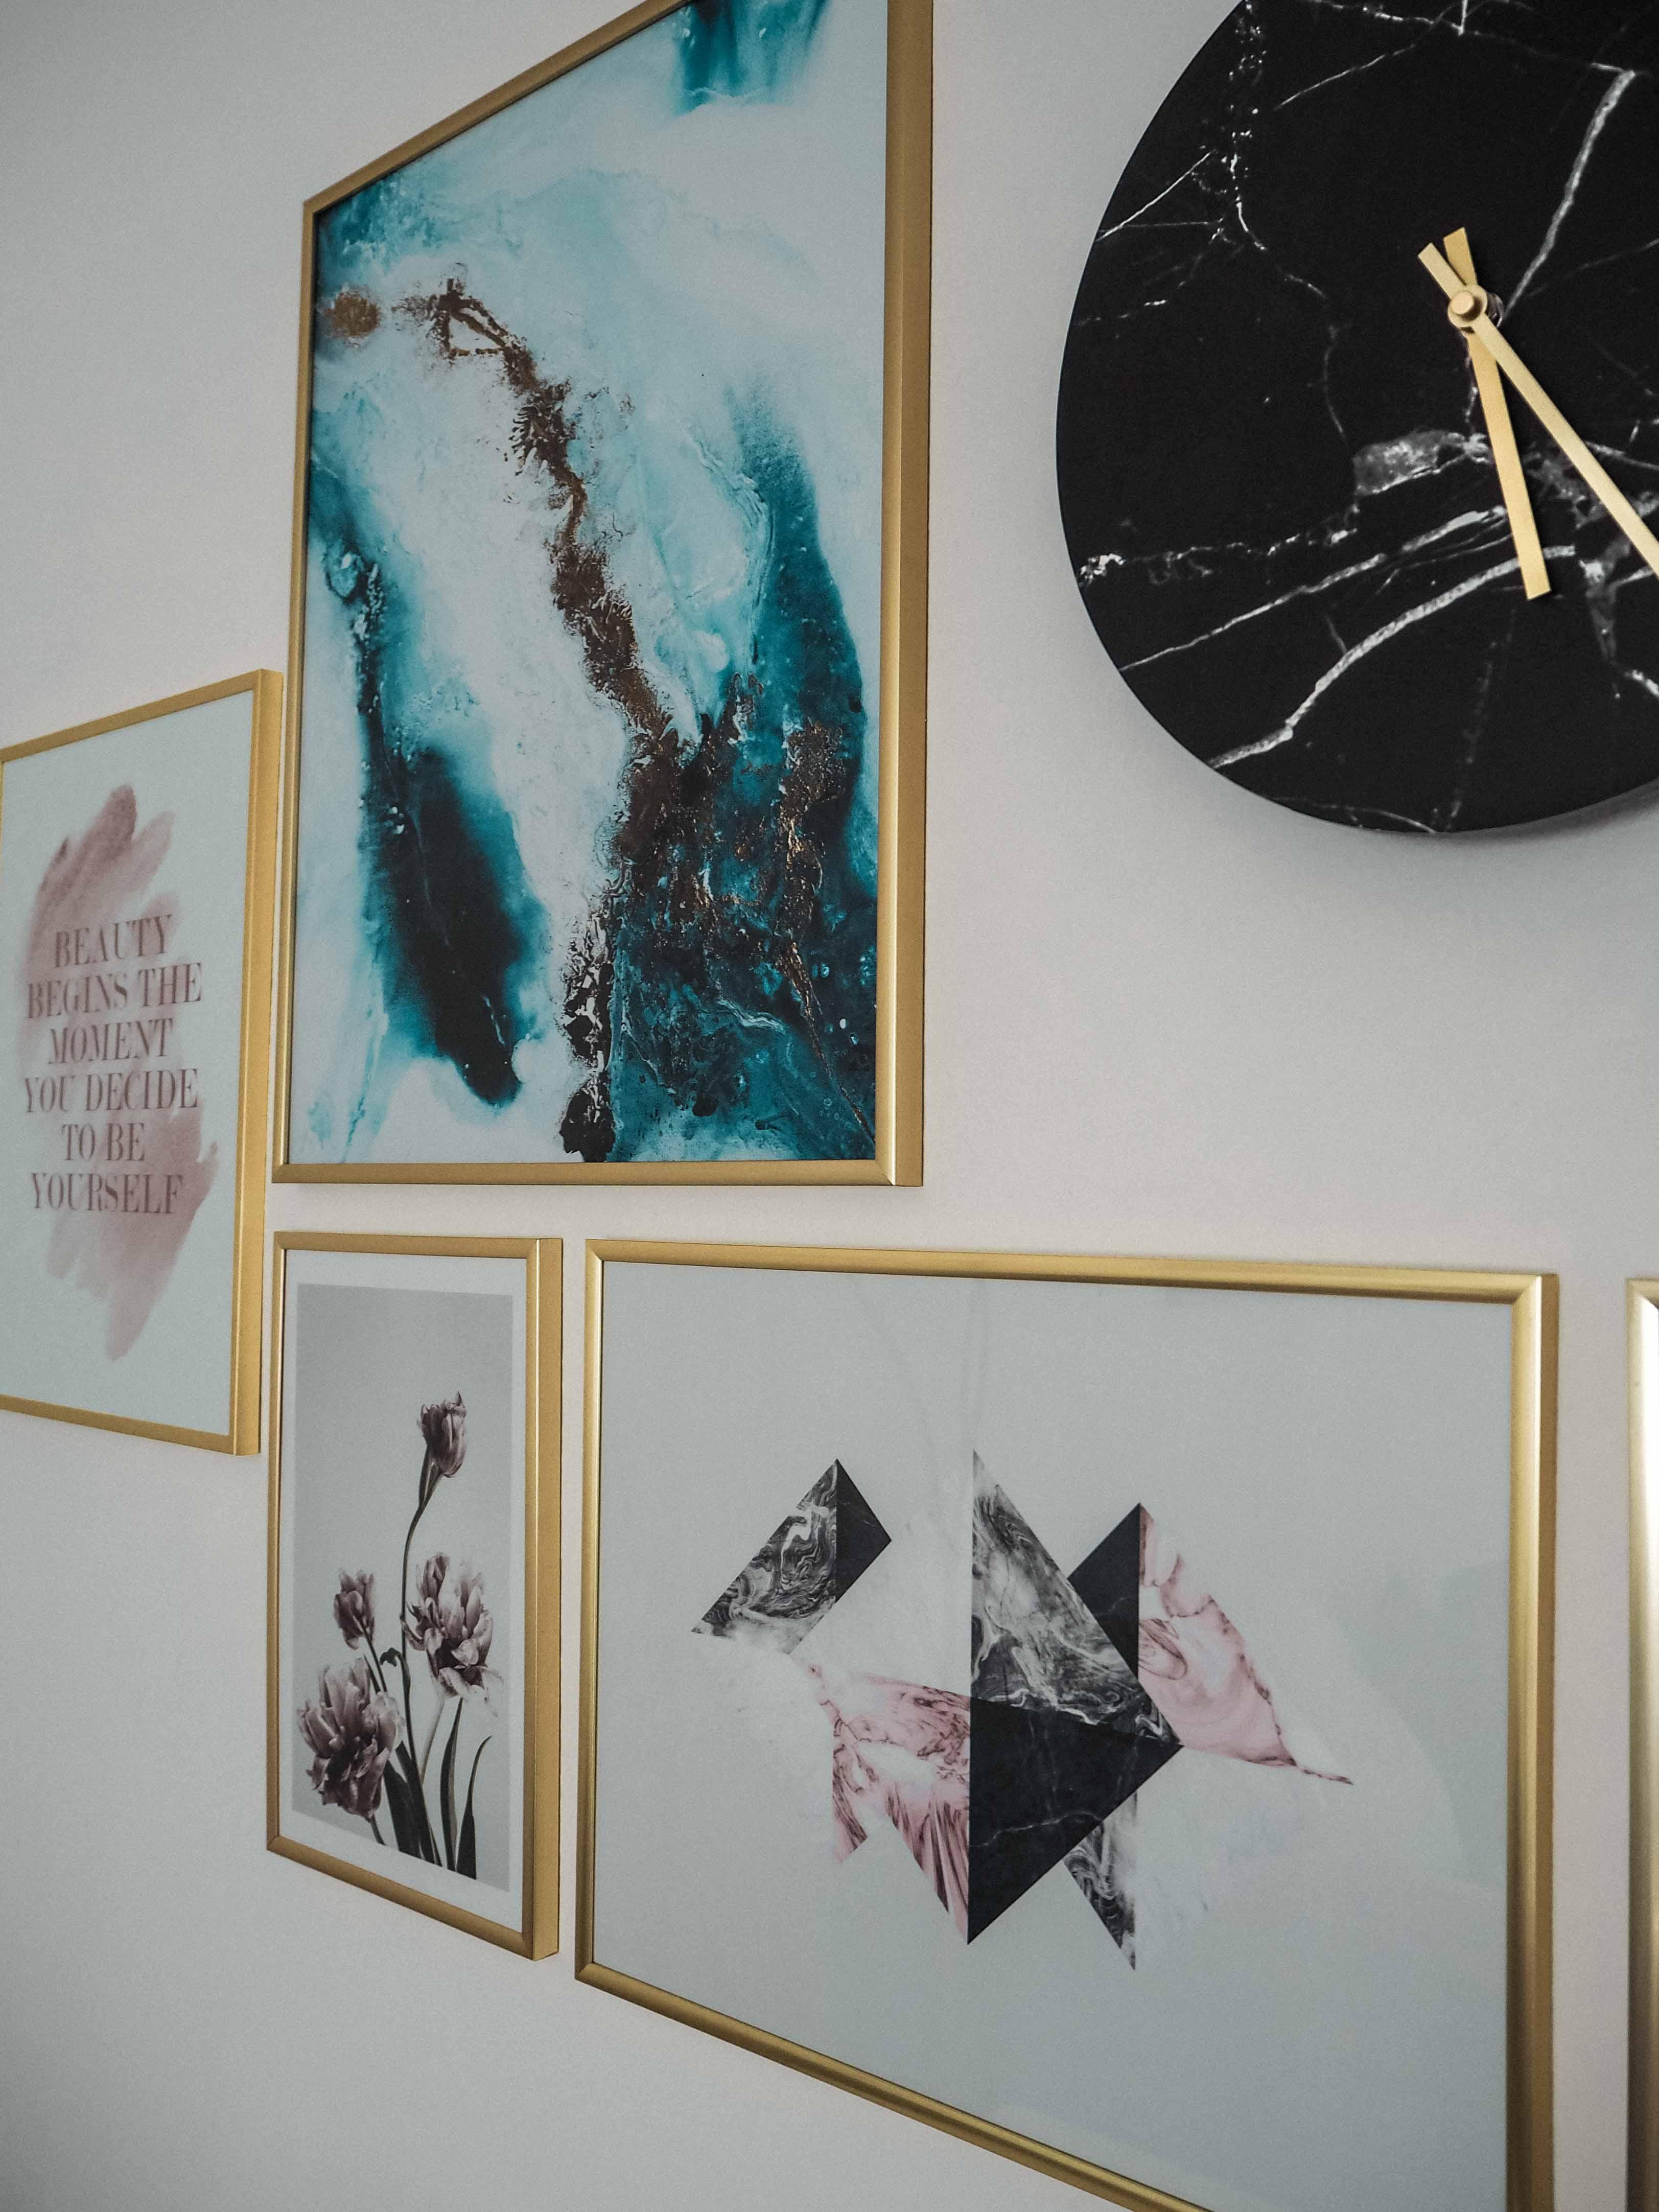 Bilderwand, Desenio, Katefully, Interior, Zuhause, Einrichtungsideen, Bilder, Design, Interiorideen, Tipps, Fashionblog, München, Wohnzimmer, Schlafzimmer gestalten